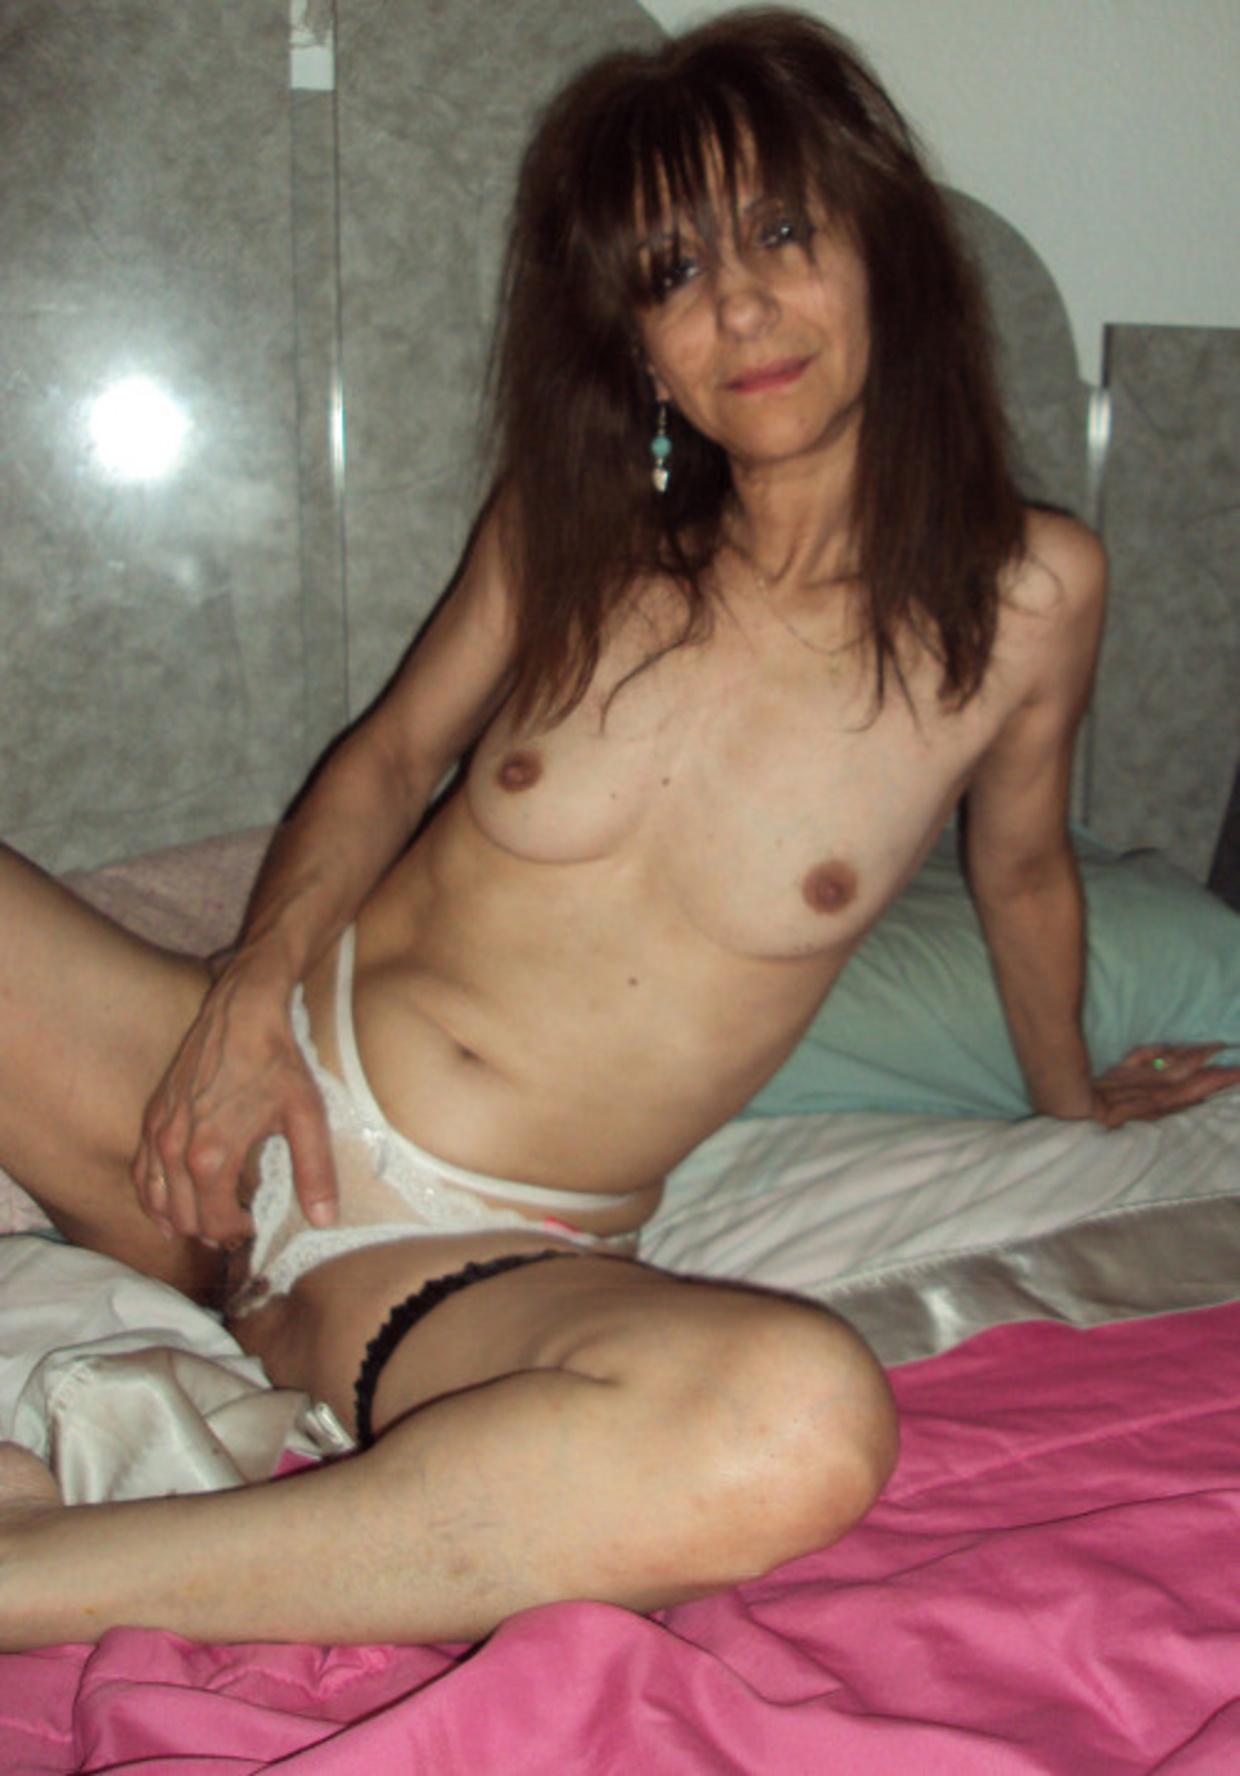 54 Летняя баба бахвалится потрепанной шмонькой лежа в спальне